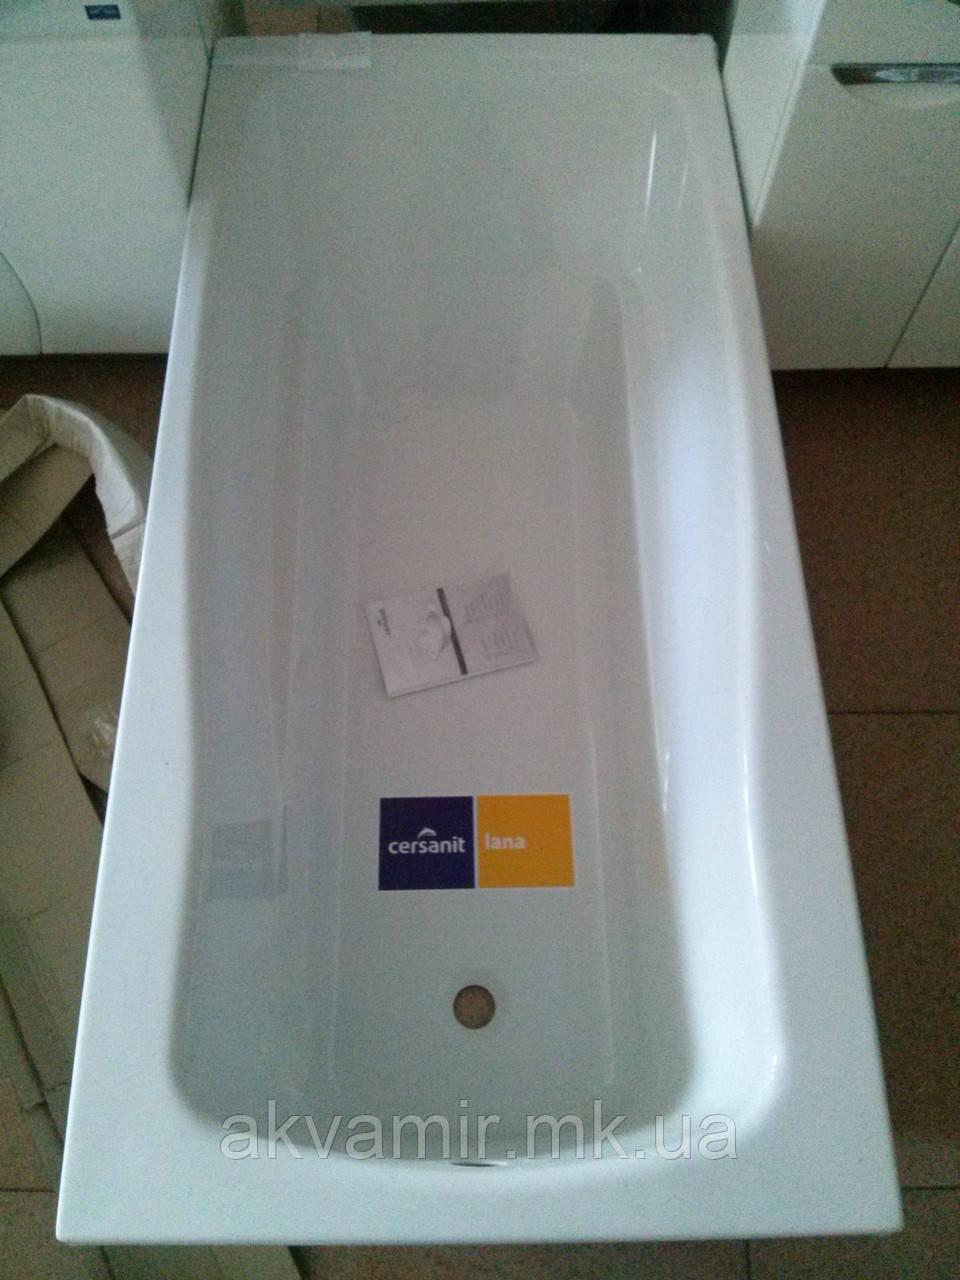 Ванна акриловая Cersanit LANA 170 X 70 с креплением